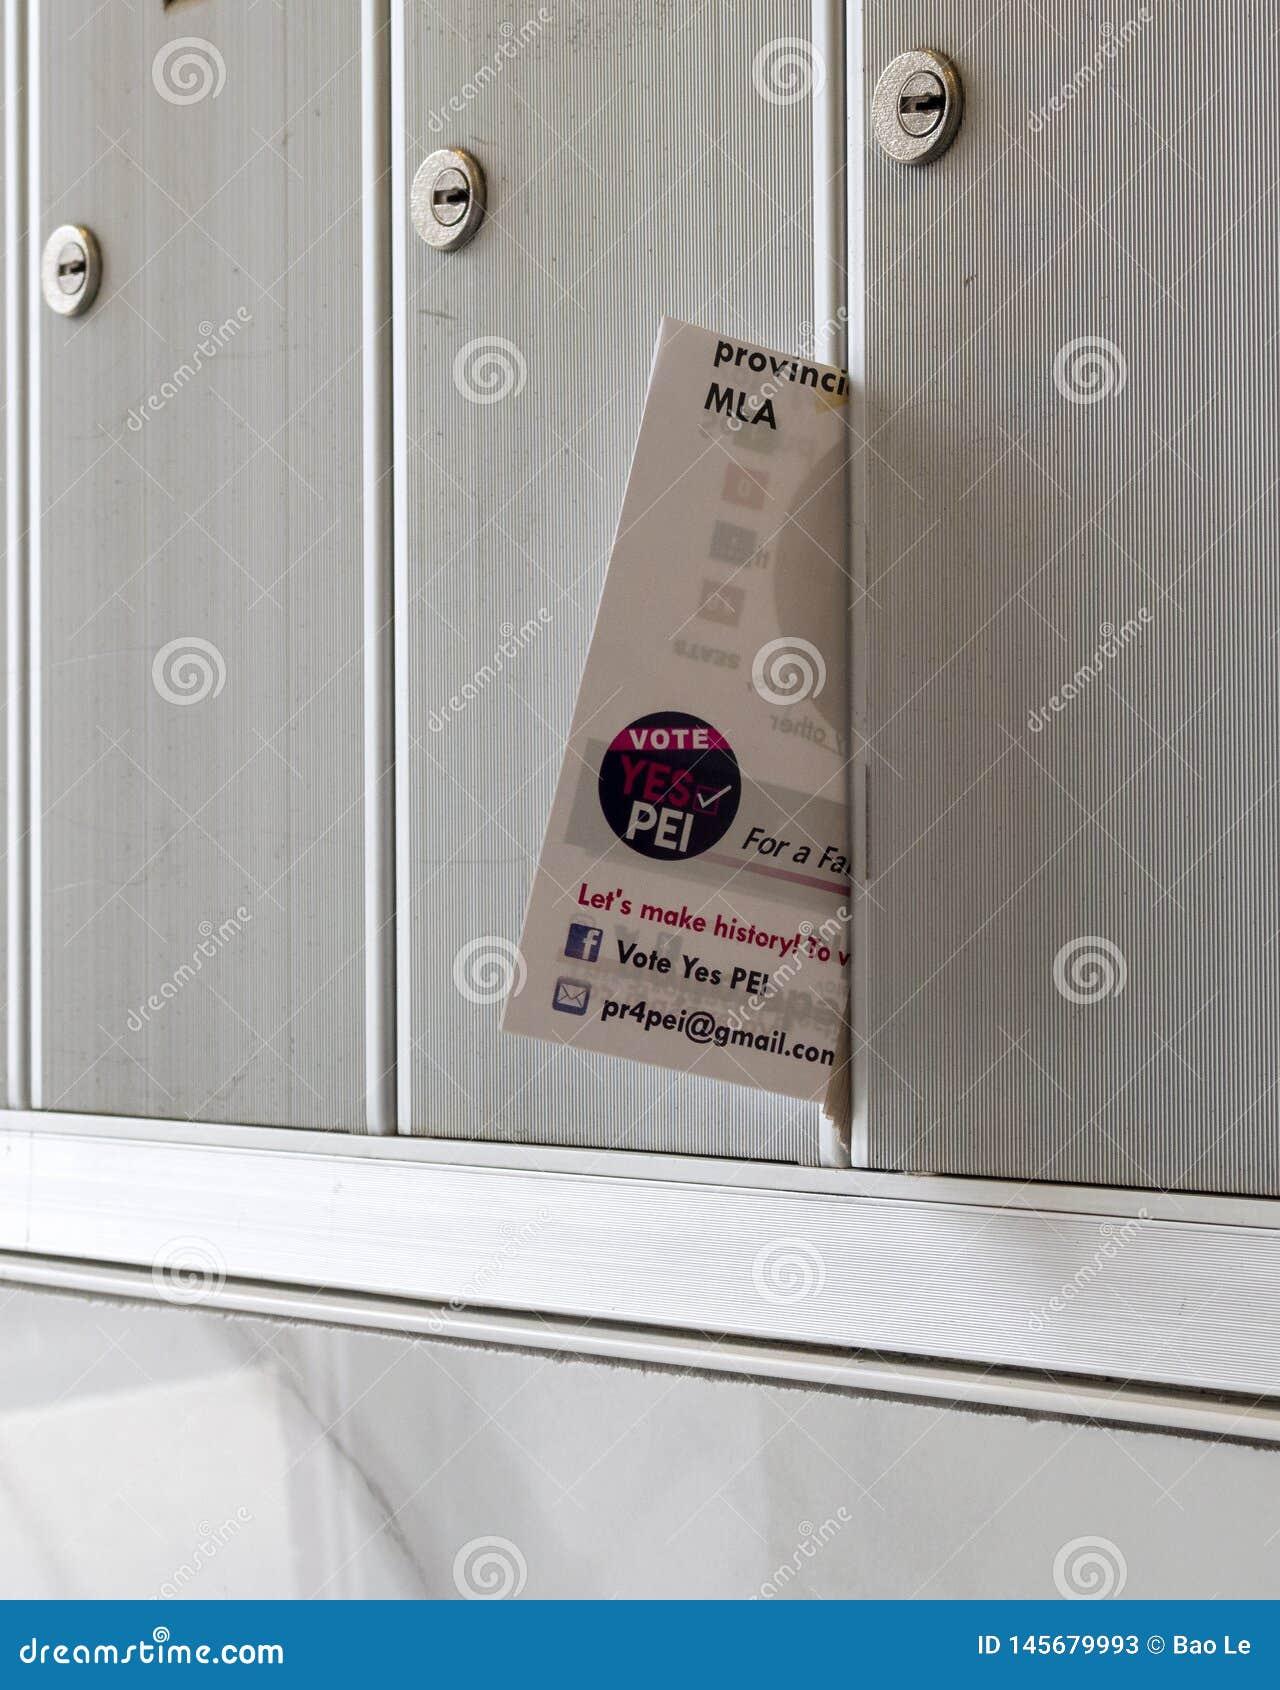 Stem ja aan MMP, signage van het Gemengde referendum van de Lid Evenredige Vertegenwoordiging MMP in de brievenbus